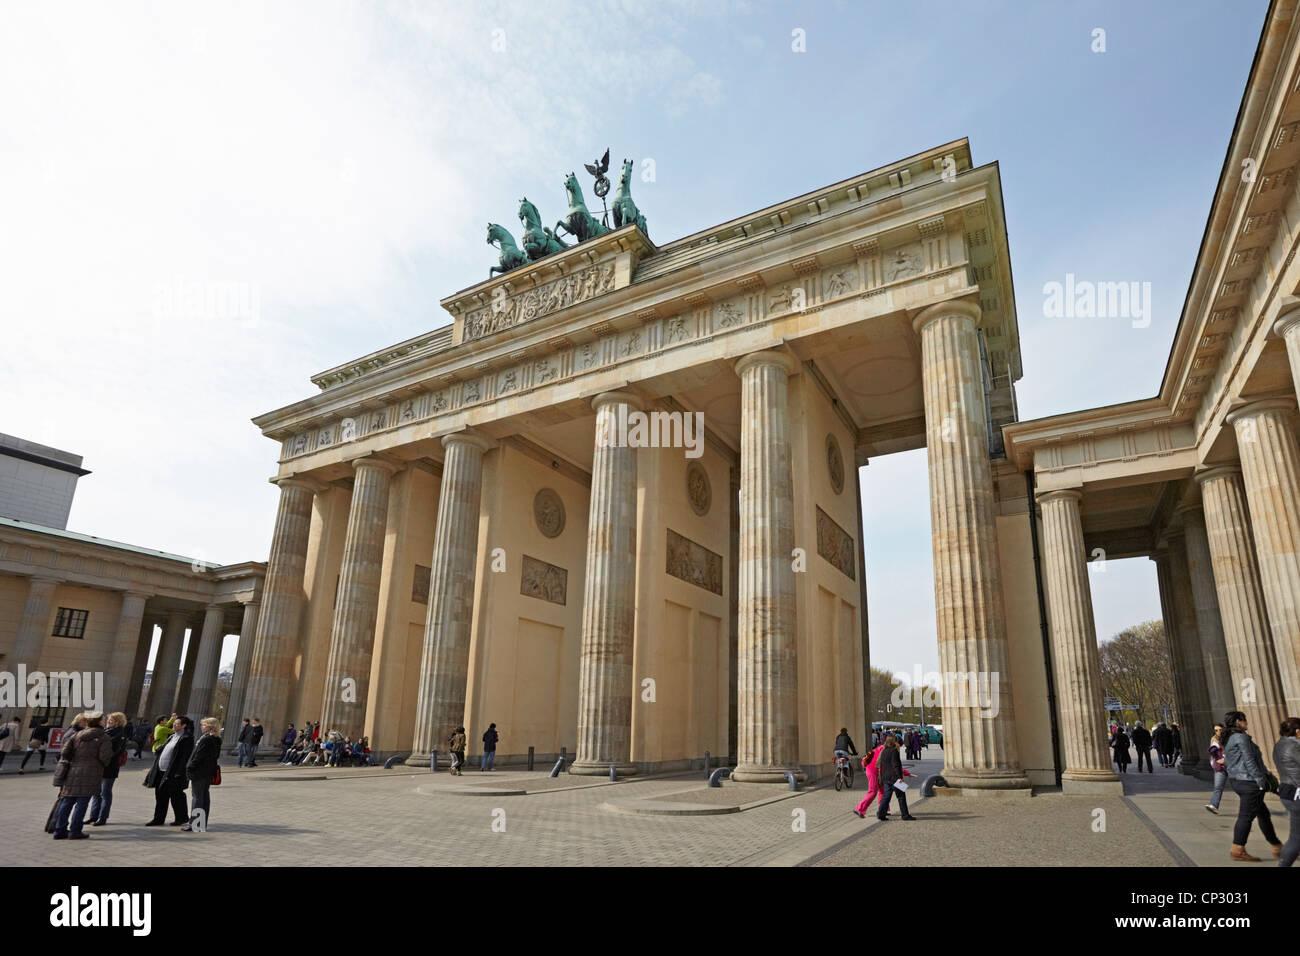 Berlin Brandenburg Gate or Brandenburger Tor at the end of the Unter Den Linden - Stock Image